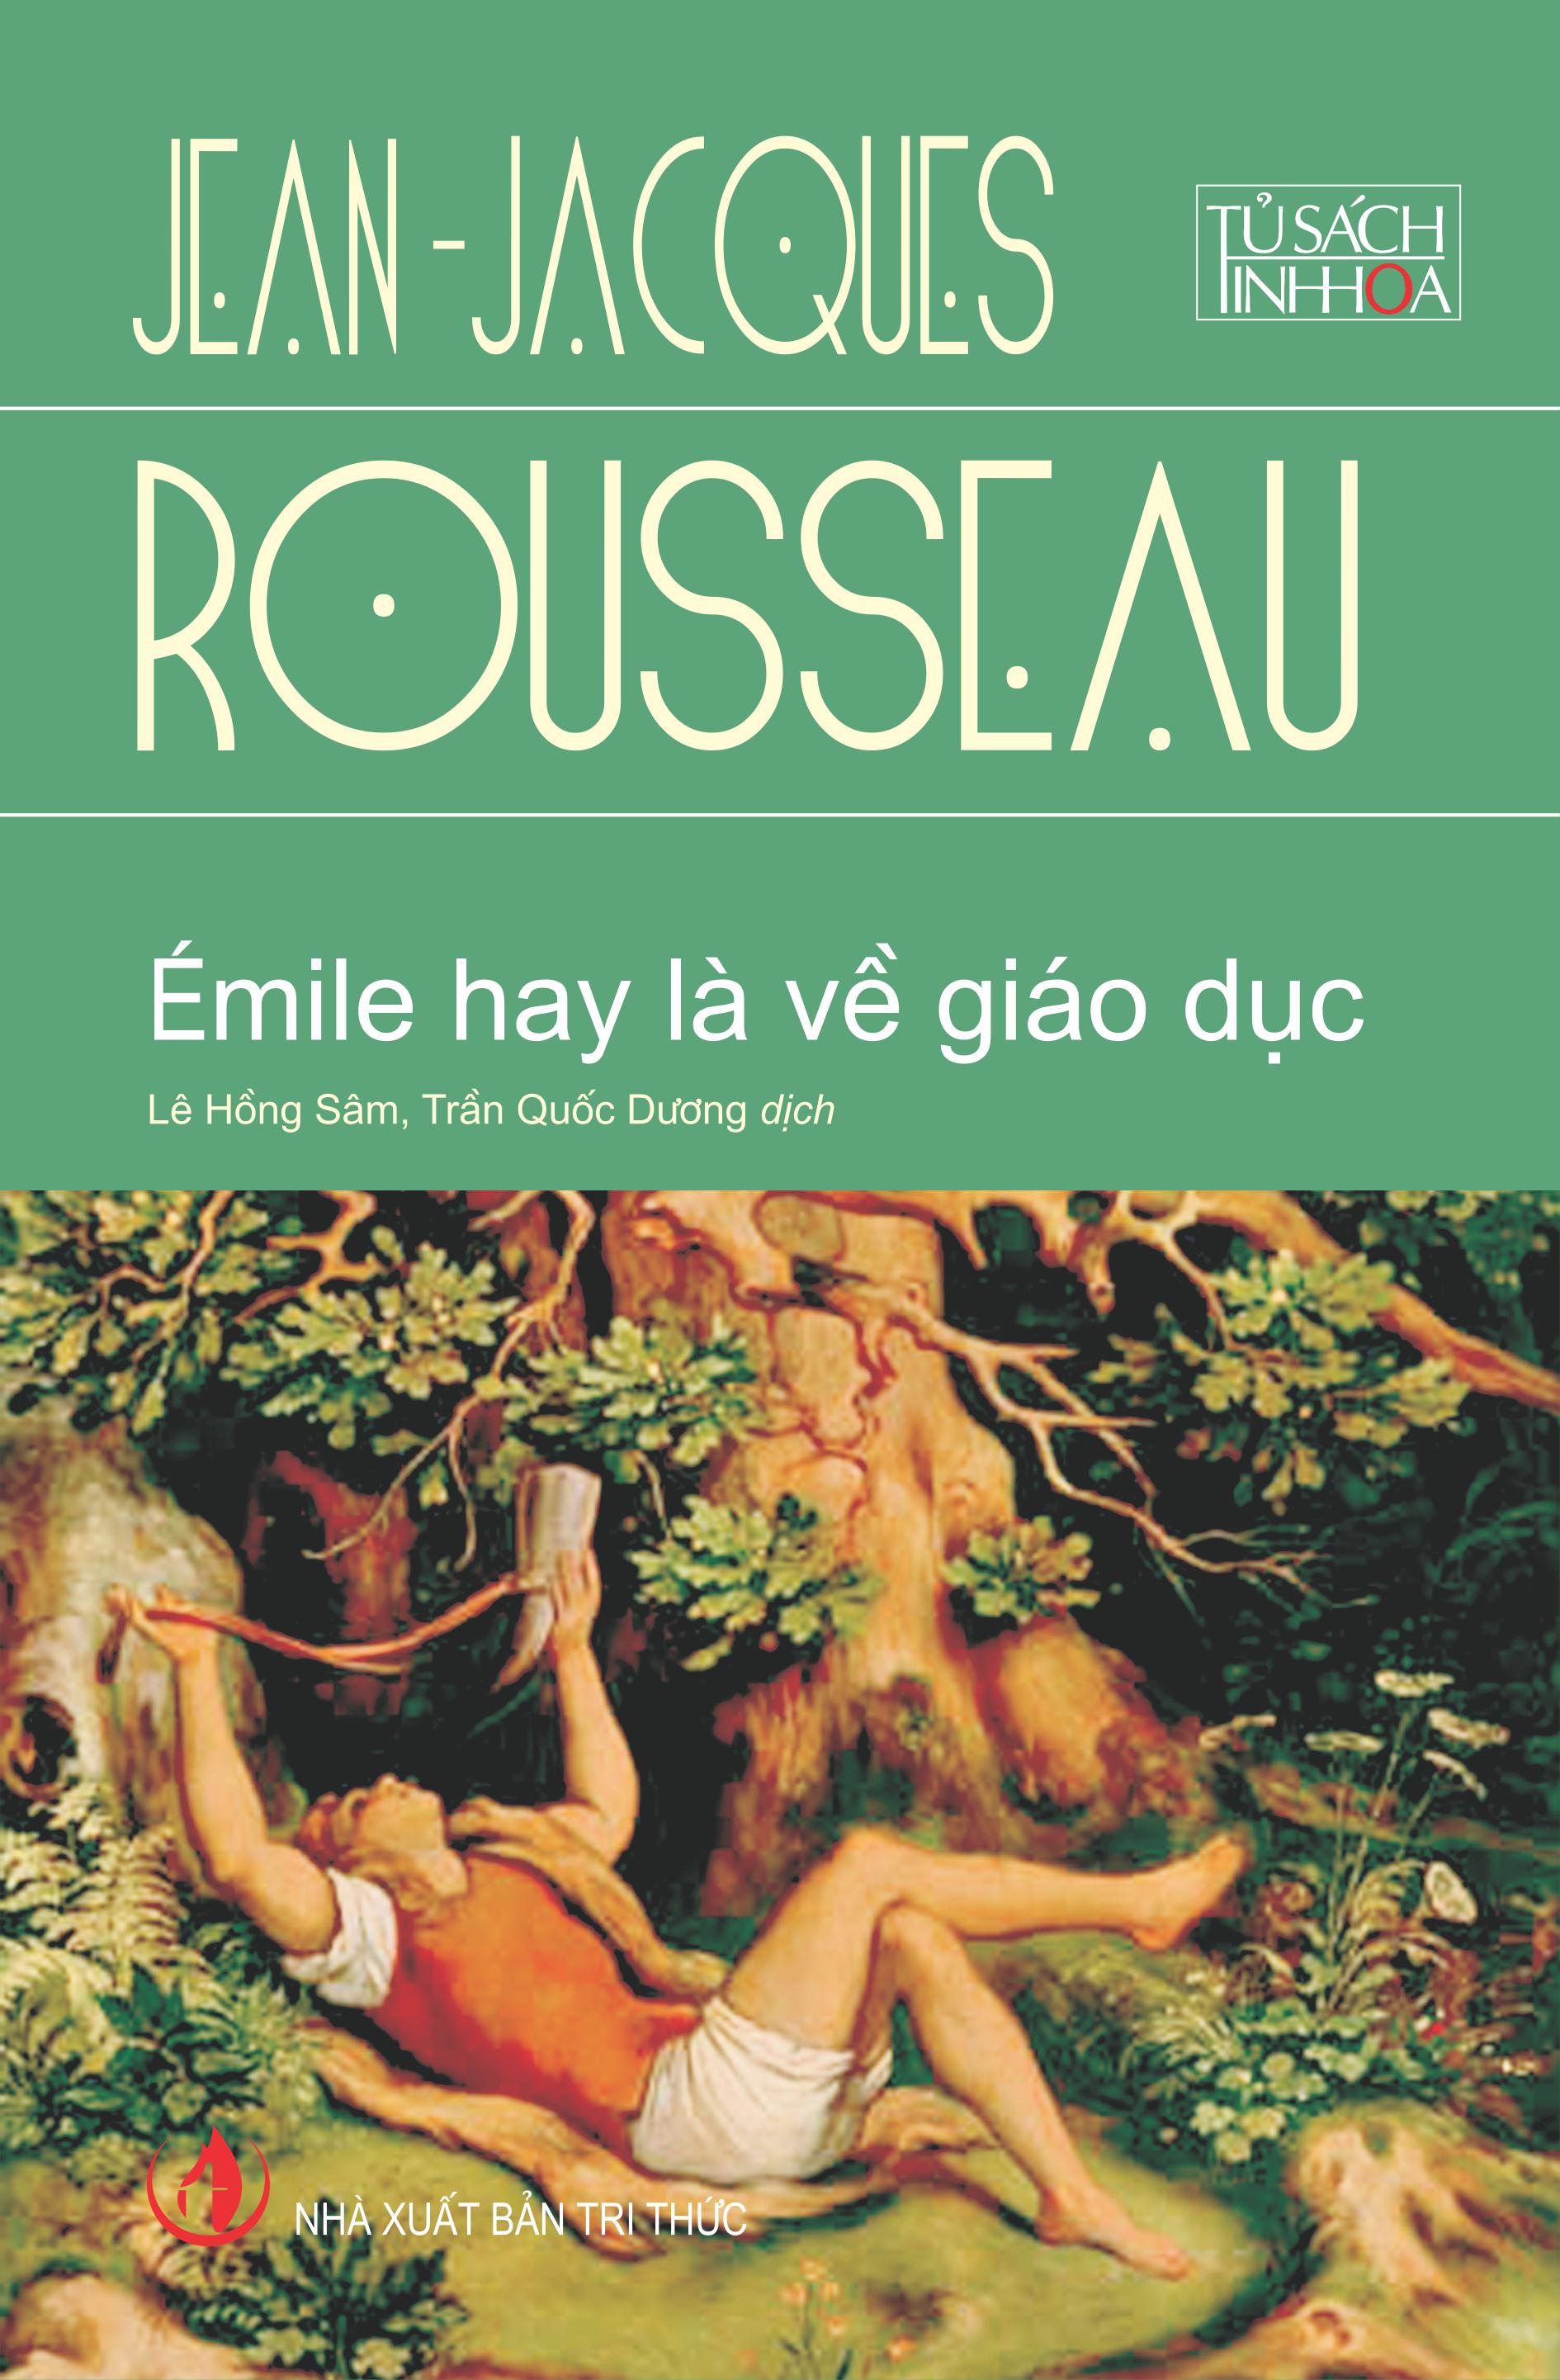 """""""Émile hay là về giáo dục"""" - Một triết lý giáo dục nhân bản: Dạy và học làm người"""